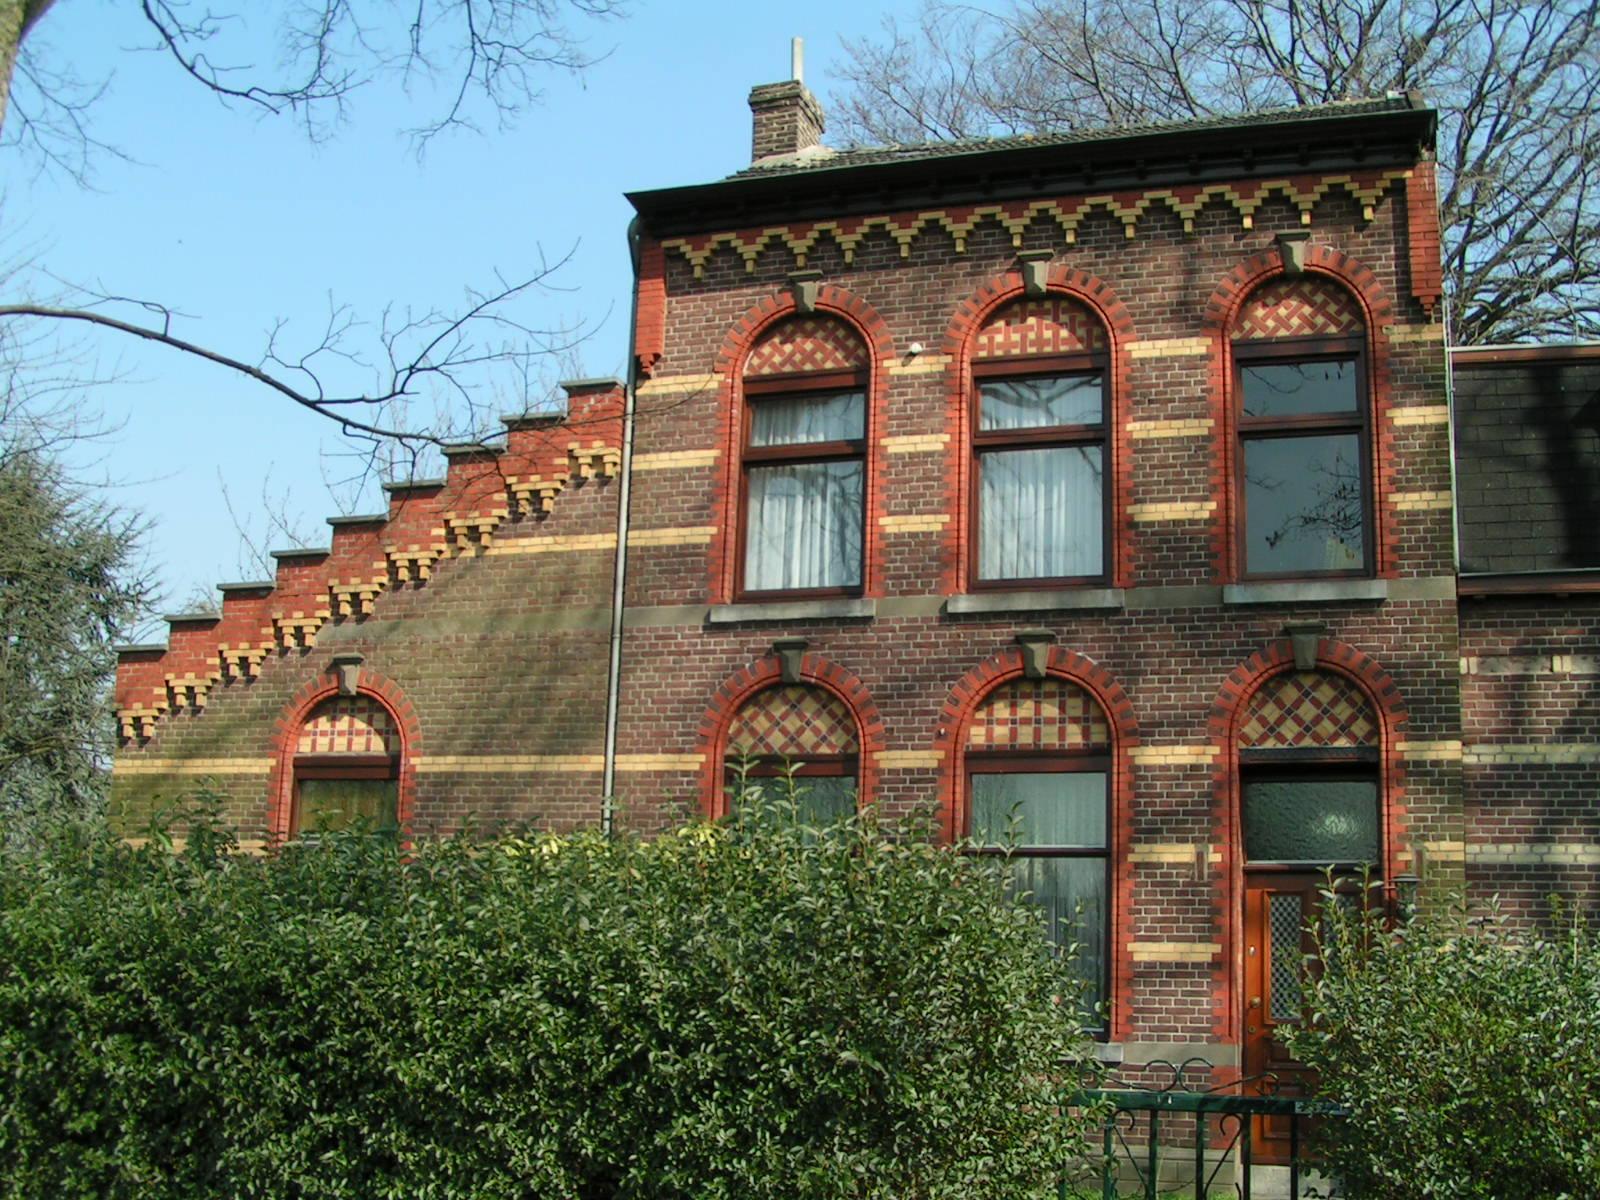 Het eerste woonhuis, gebouwd in het agrarisch lintdorp, gelegen aan de Van Akenstraat